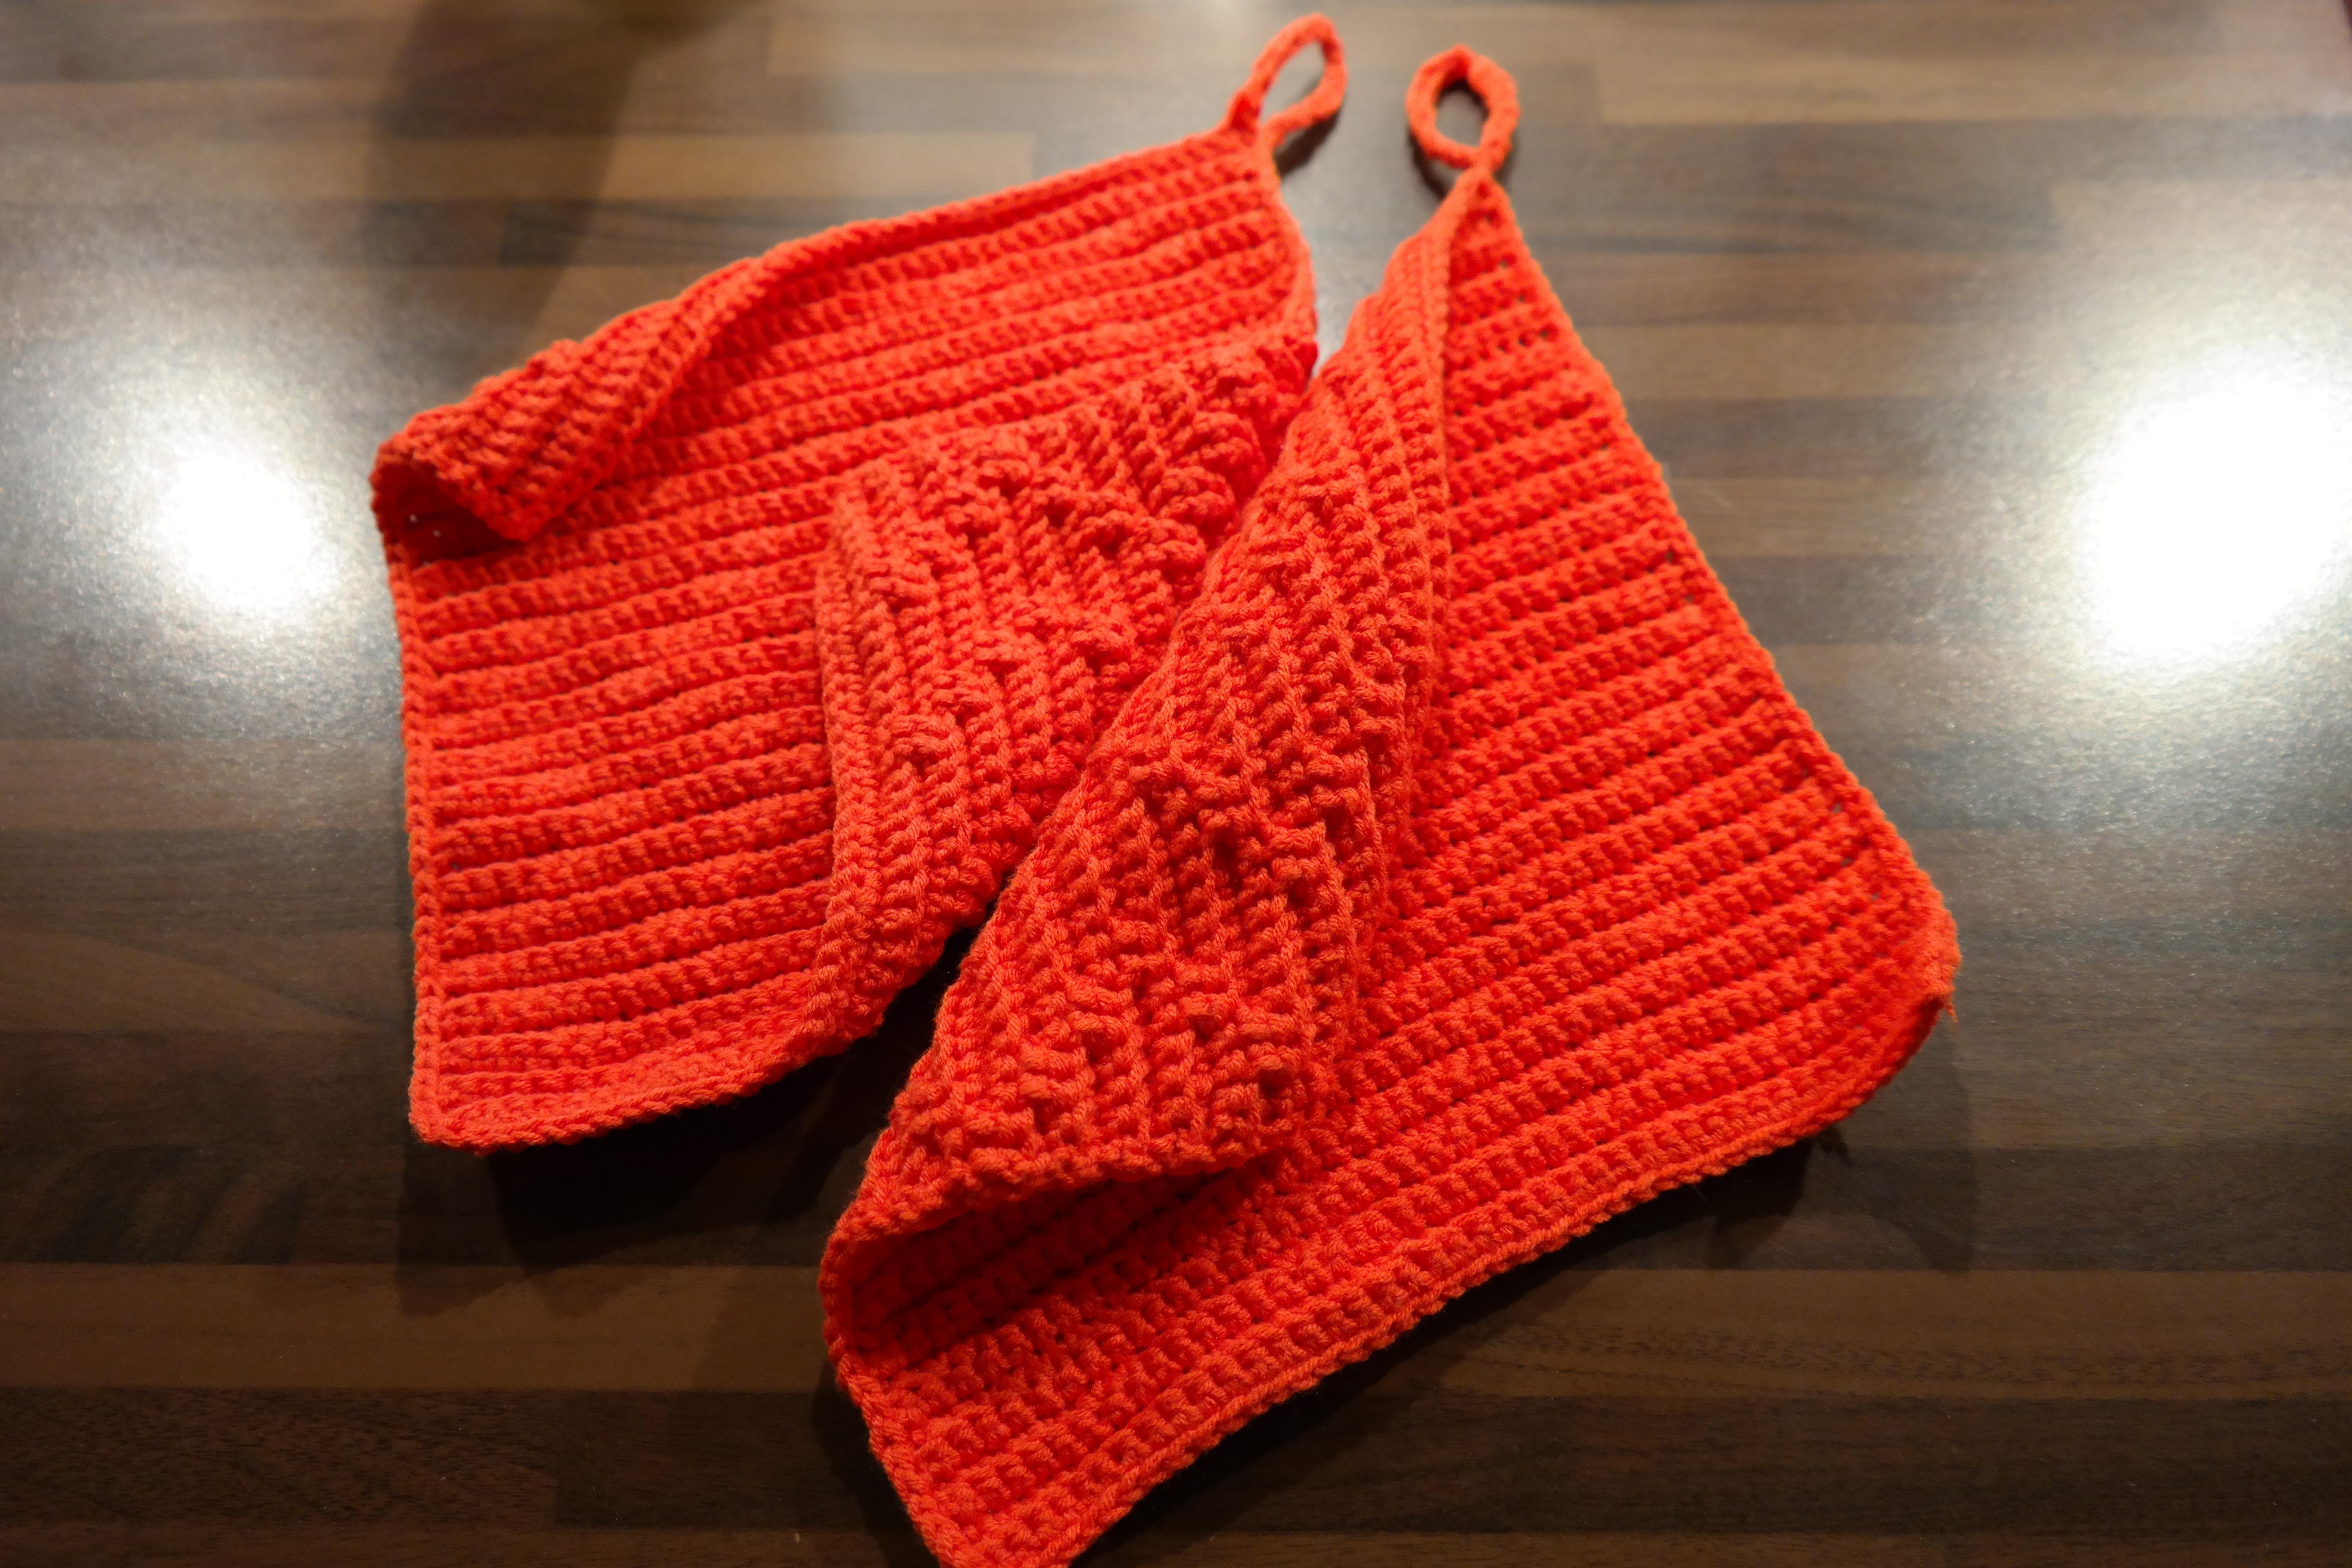 Fotos gratis : patrón, rojo, ropa, lana, tela, tejer, tejido de ...